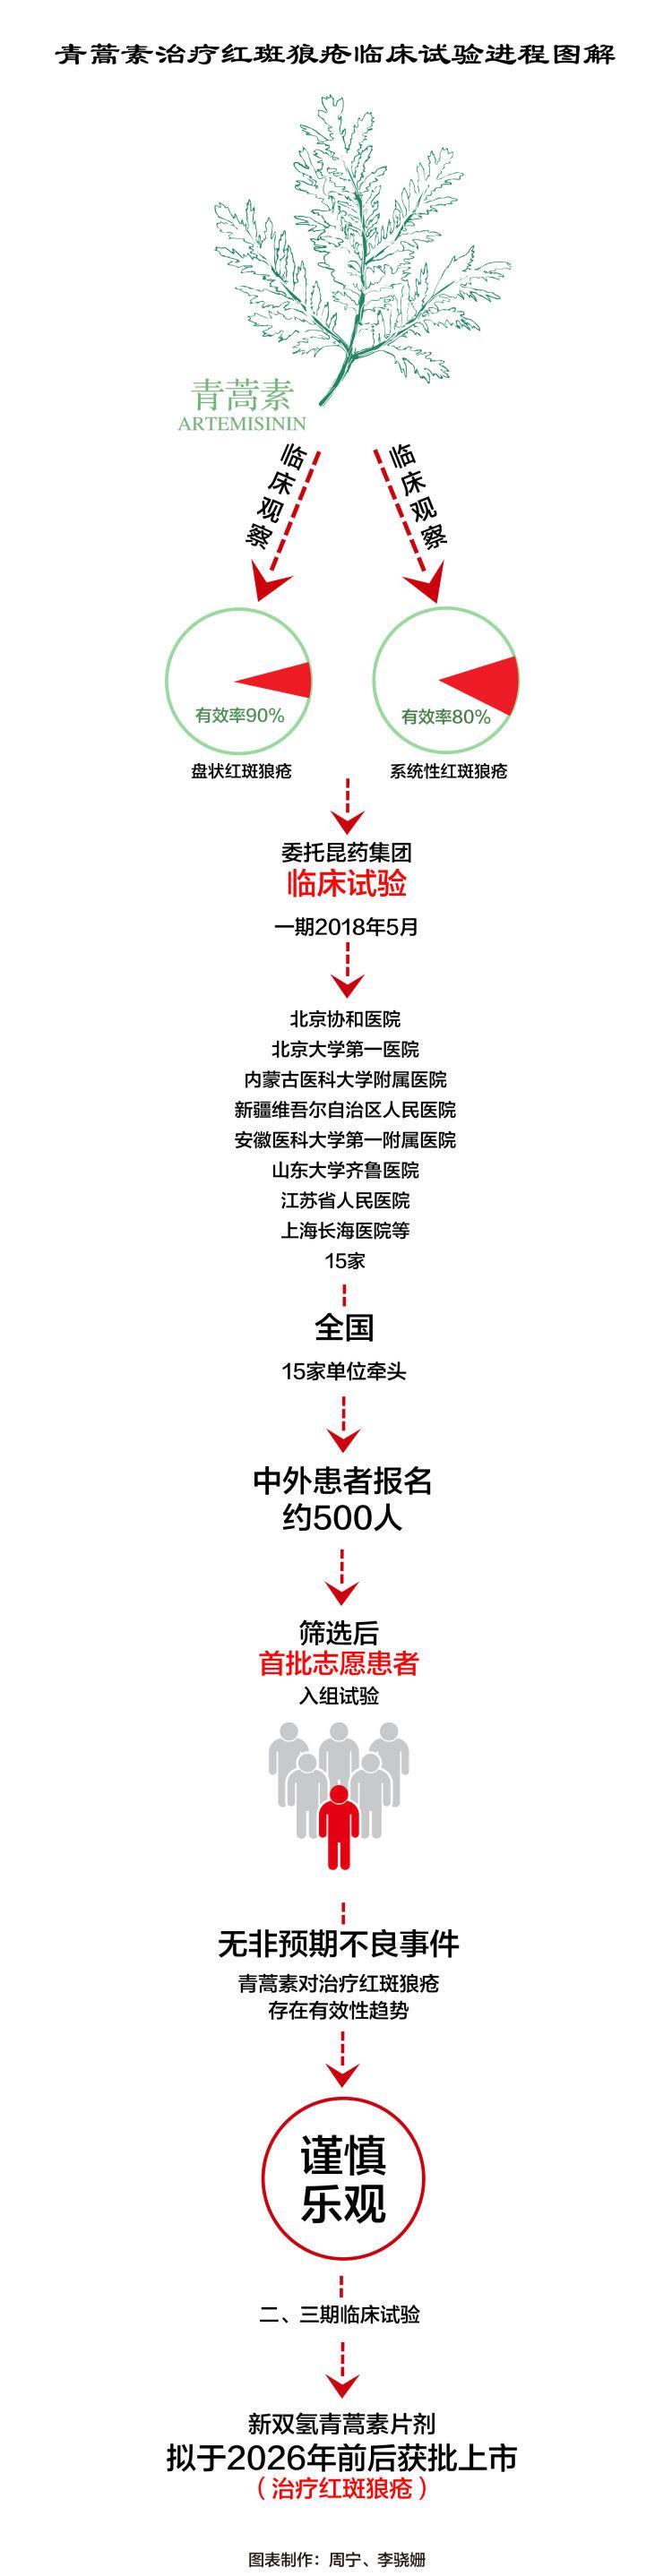 """屠呦呦團隊:""""青蒿素抗藥性""""等研究獲新突破"""